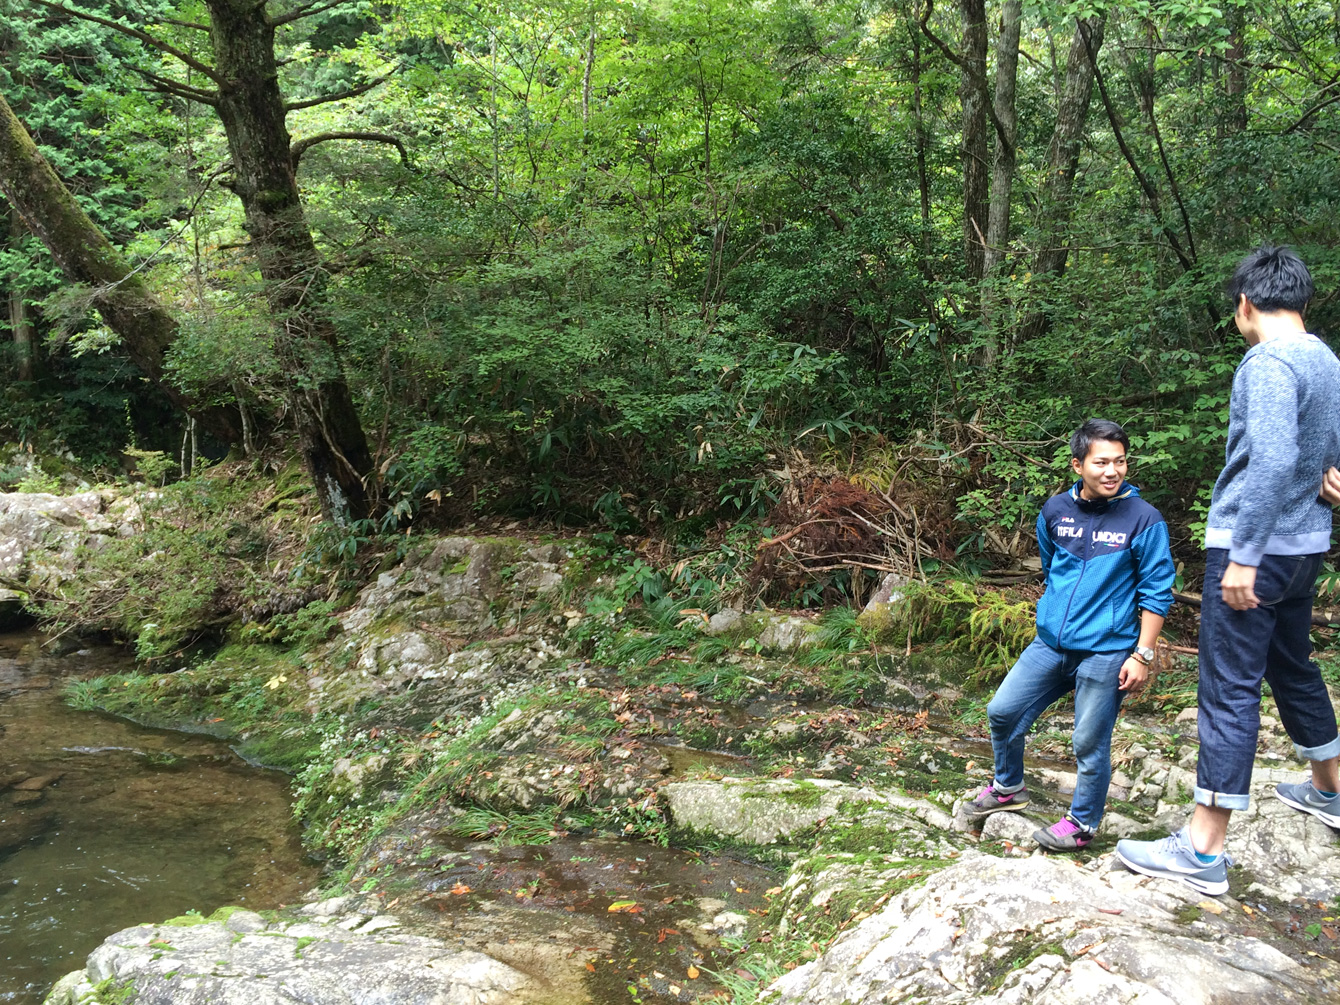 上多田の自然と触れ合う、佐野さんと吉田さん。